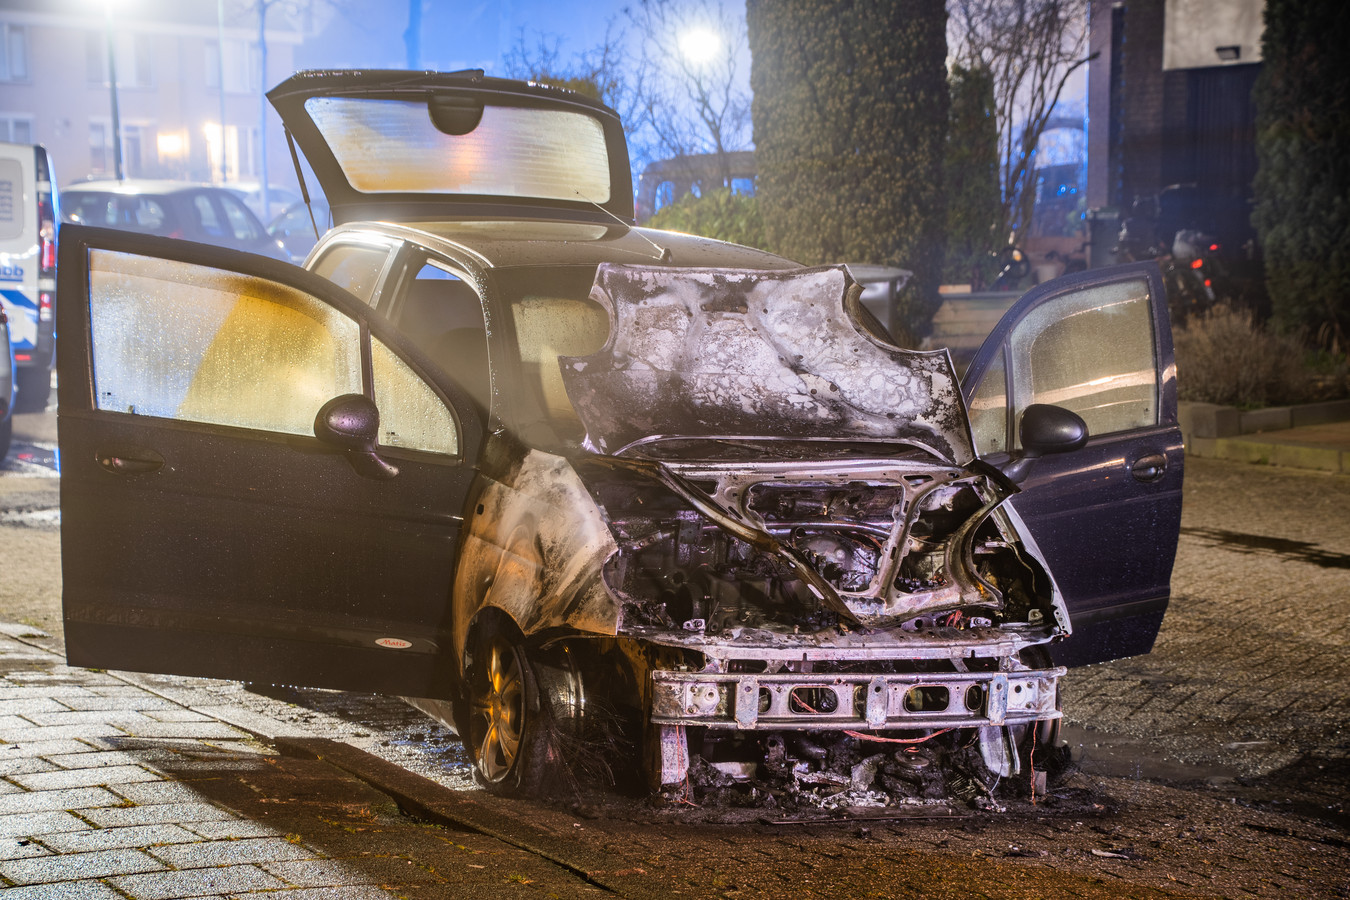 Aan de Akeleiweide in Woerden is vannacht een auto uitgebrand. De politie houdt rekening met brandstichting.